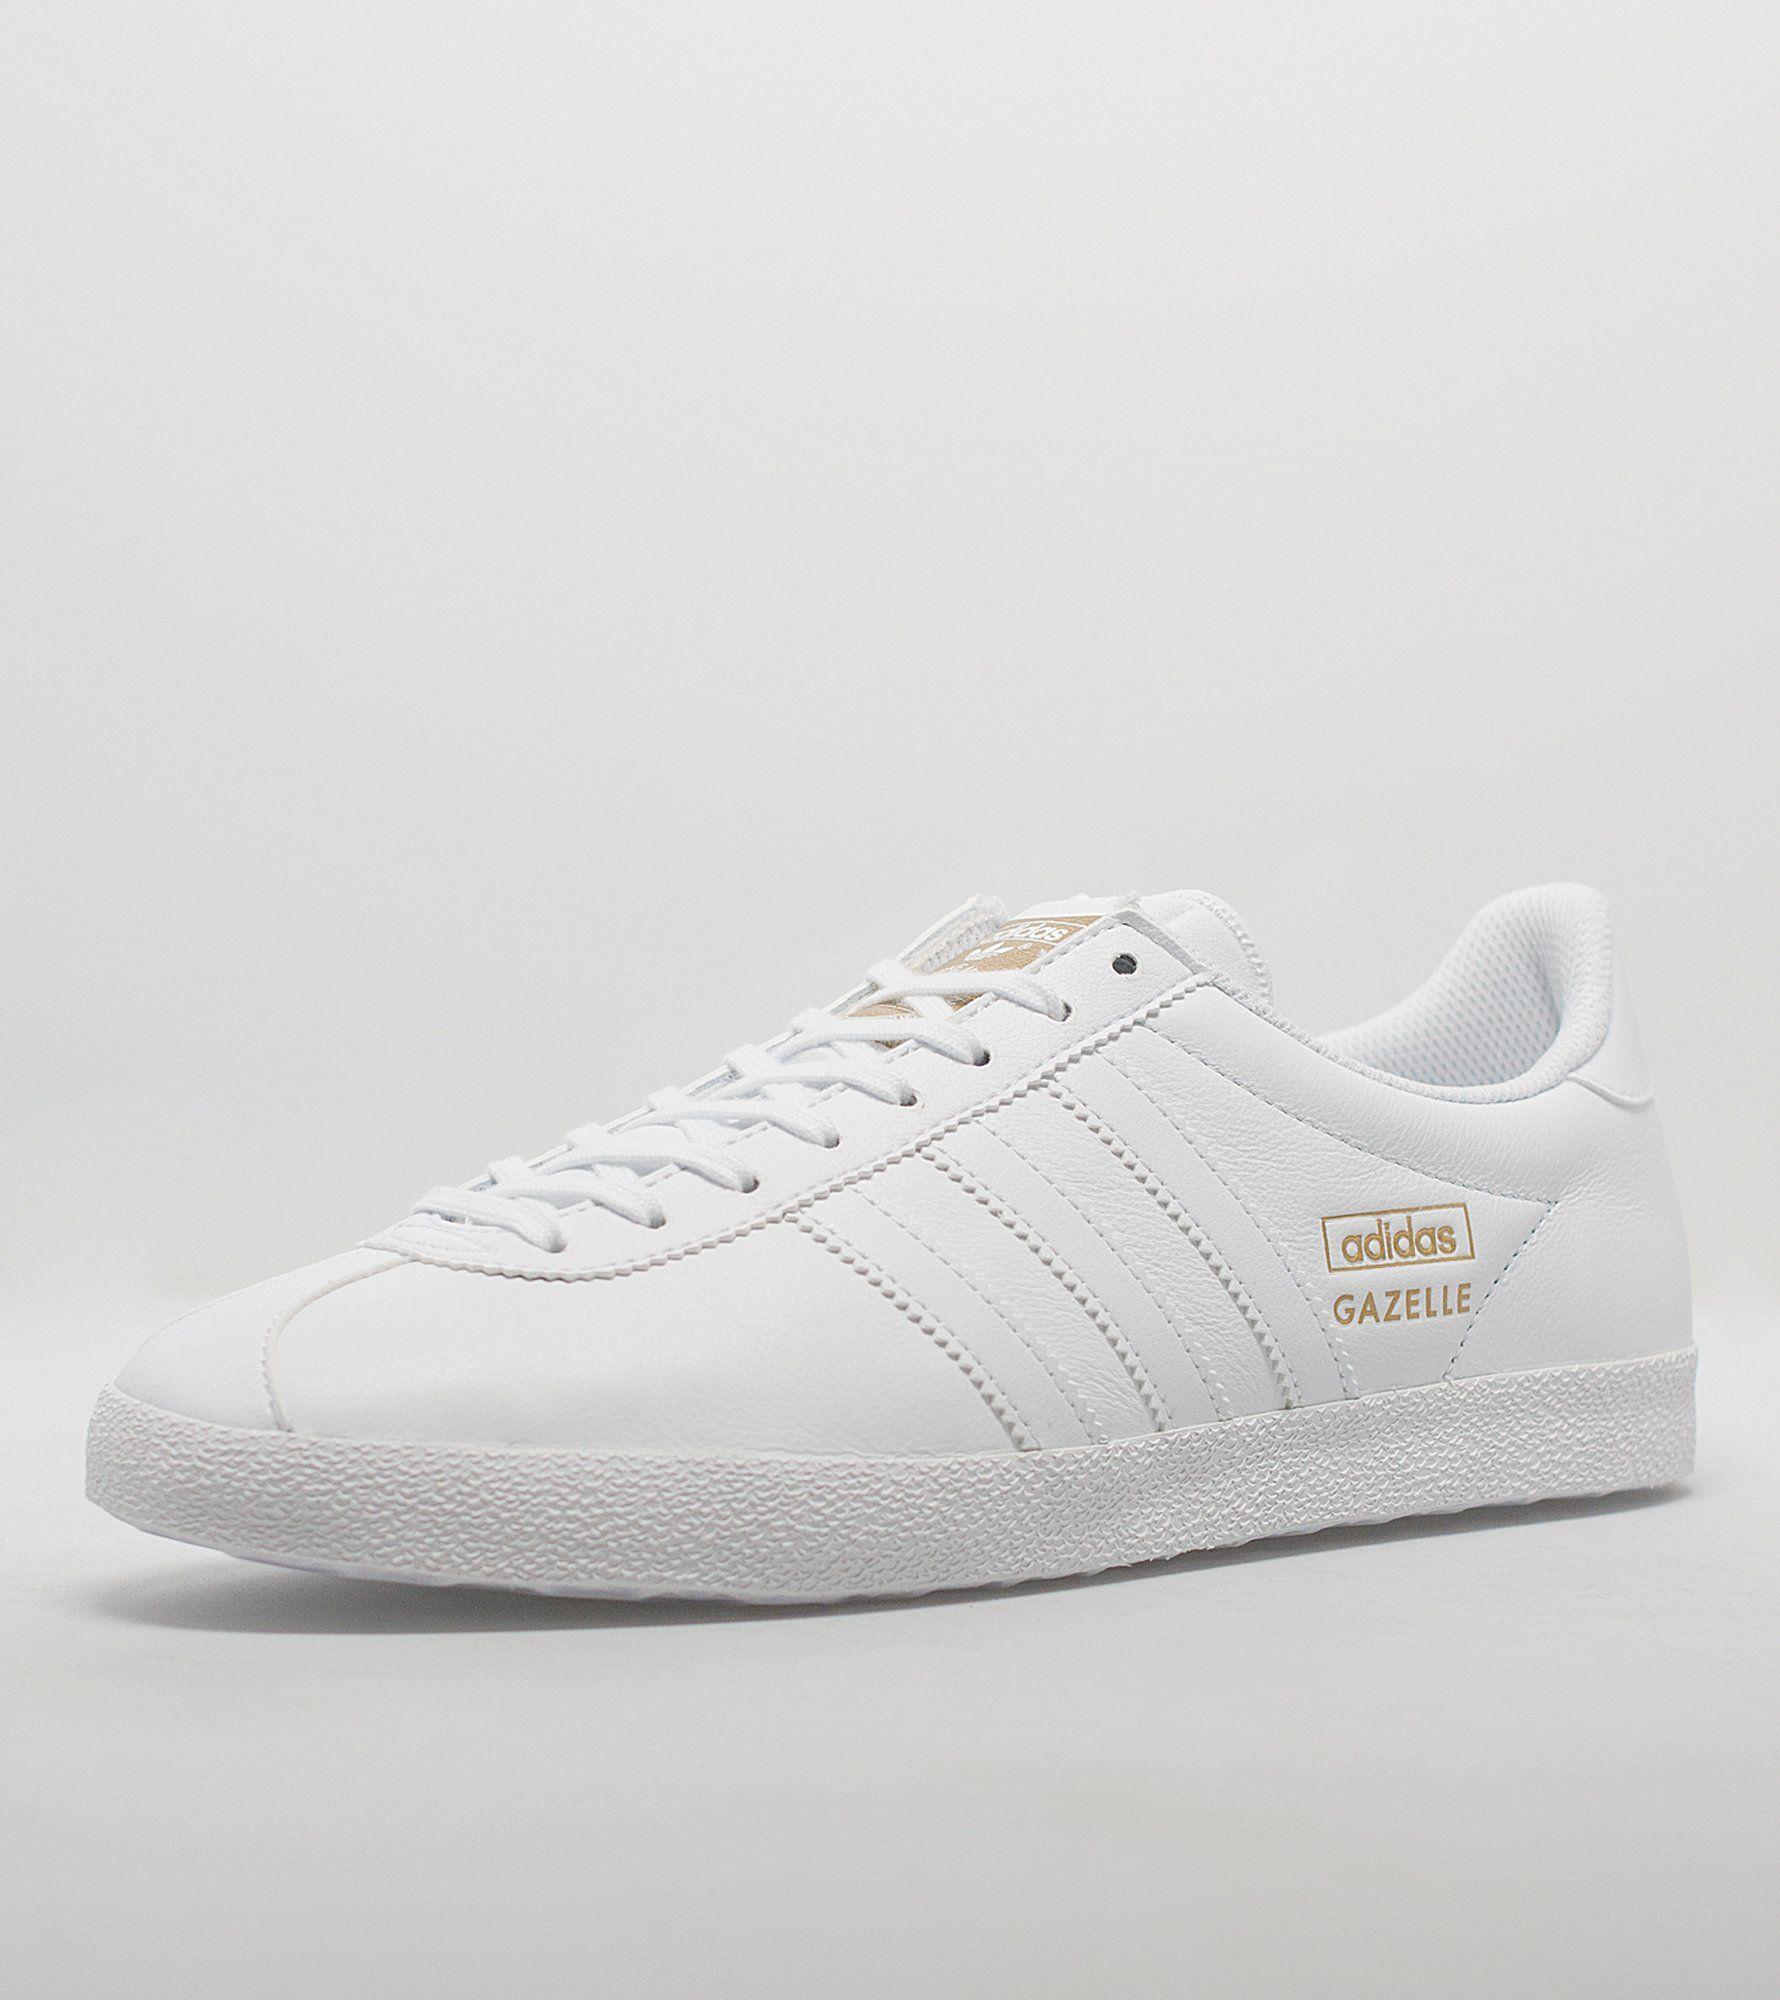 6ed7f41c998 ... ireland adidas originals gazelle og leather 7b787 0e572